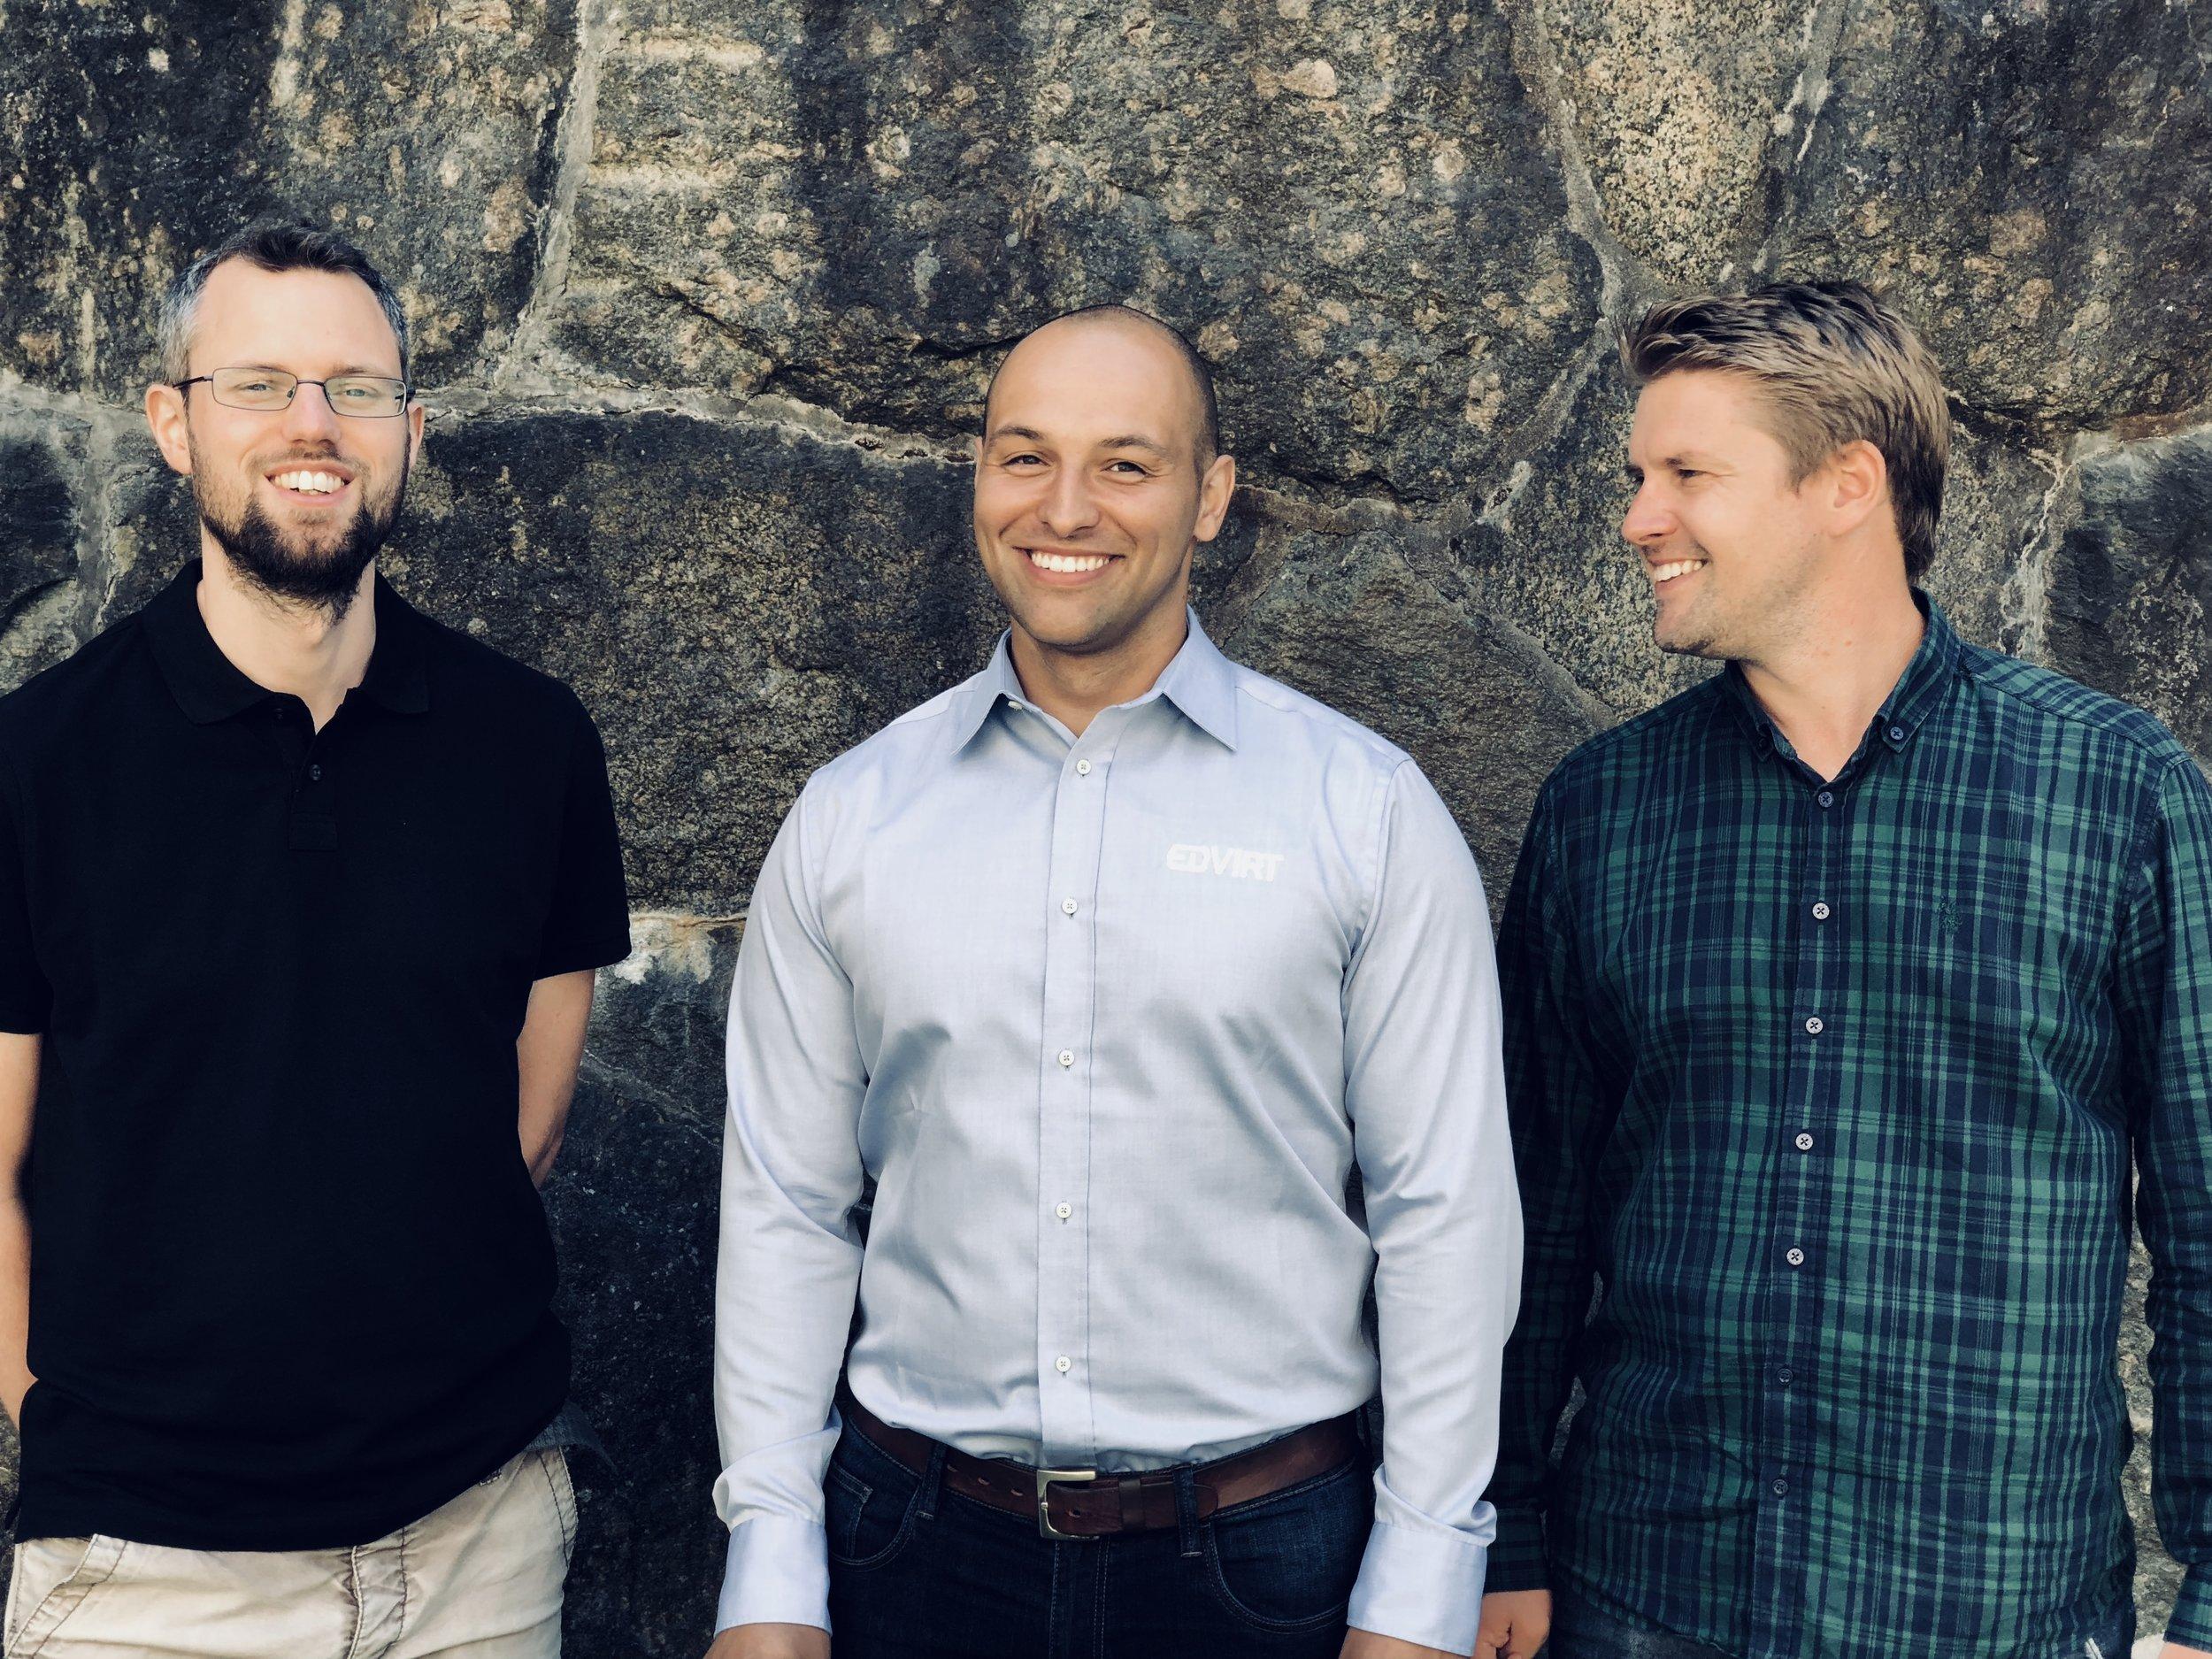 Från vänster: Petter Börjesson - Technical Manager, Tomislav Rogan - CEO,Eric Odkrans - Head of Business Development